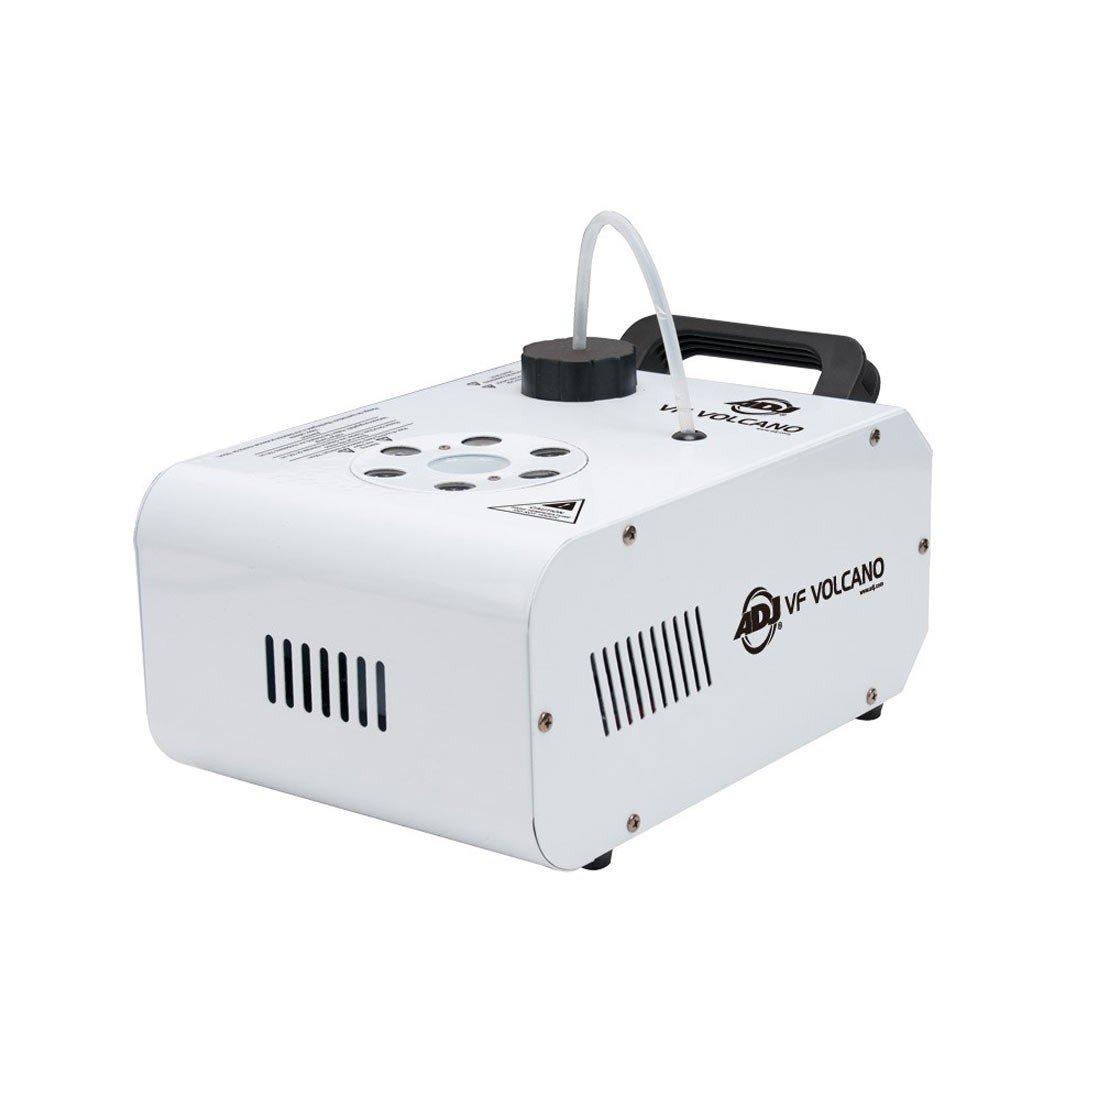 ADJ Products VF VOLCANO FOG mach w/ 6x 3-Watt RGB LED by ADJ Products (Image #1)